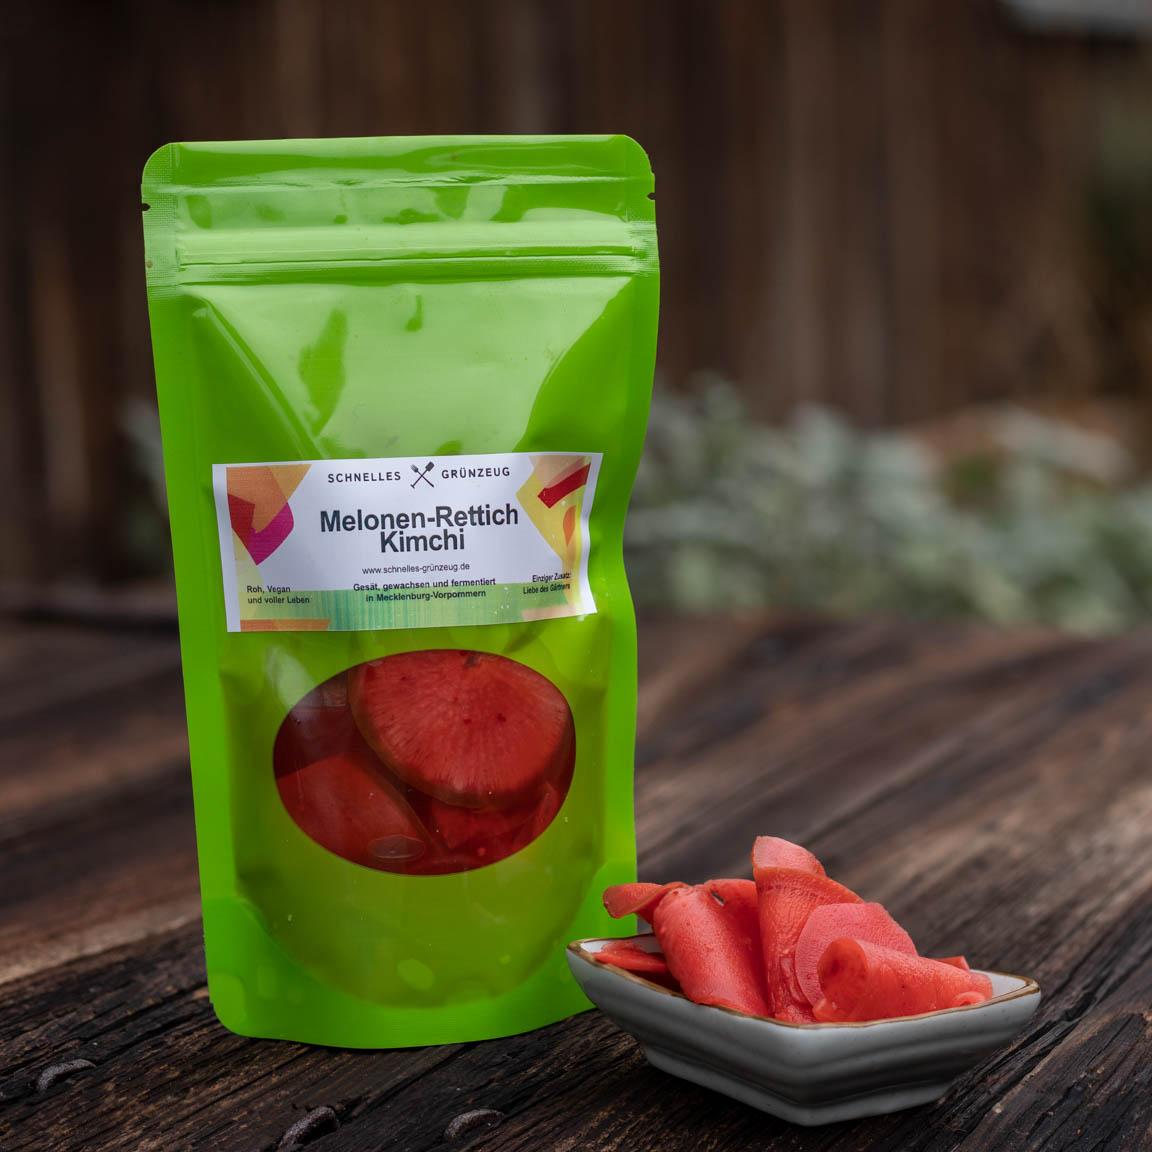 Fermentiertes Gemüse von Schnelles Grünzeug, hier fermentierter Melonen-Rettich